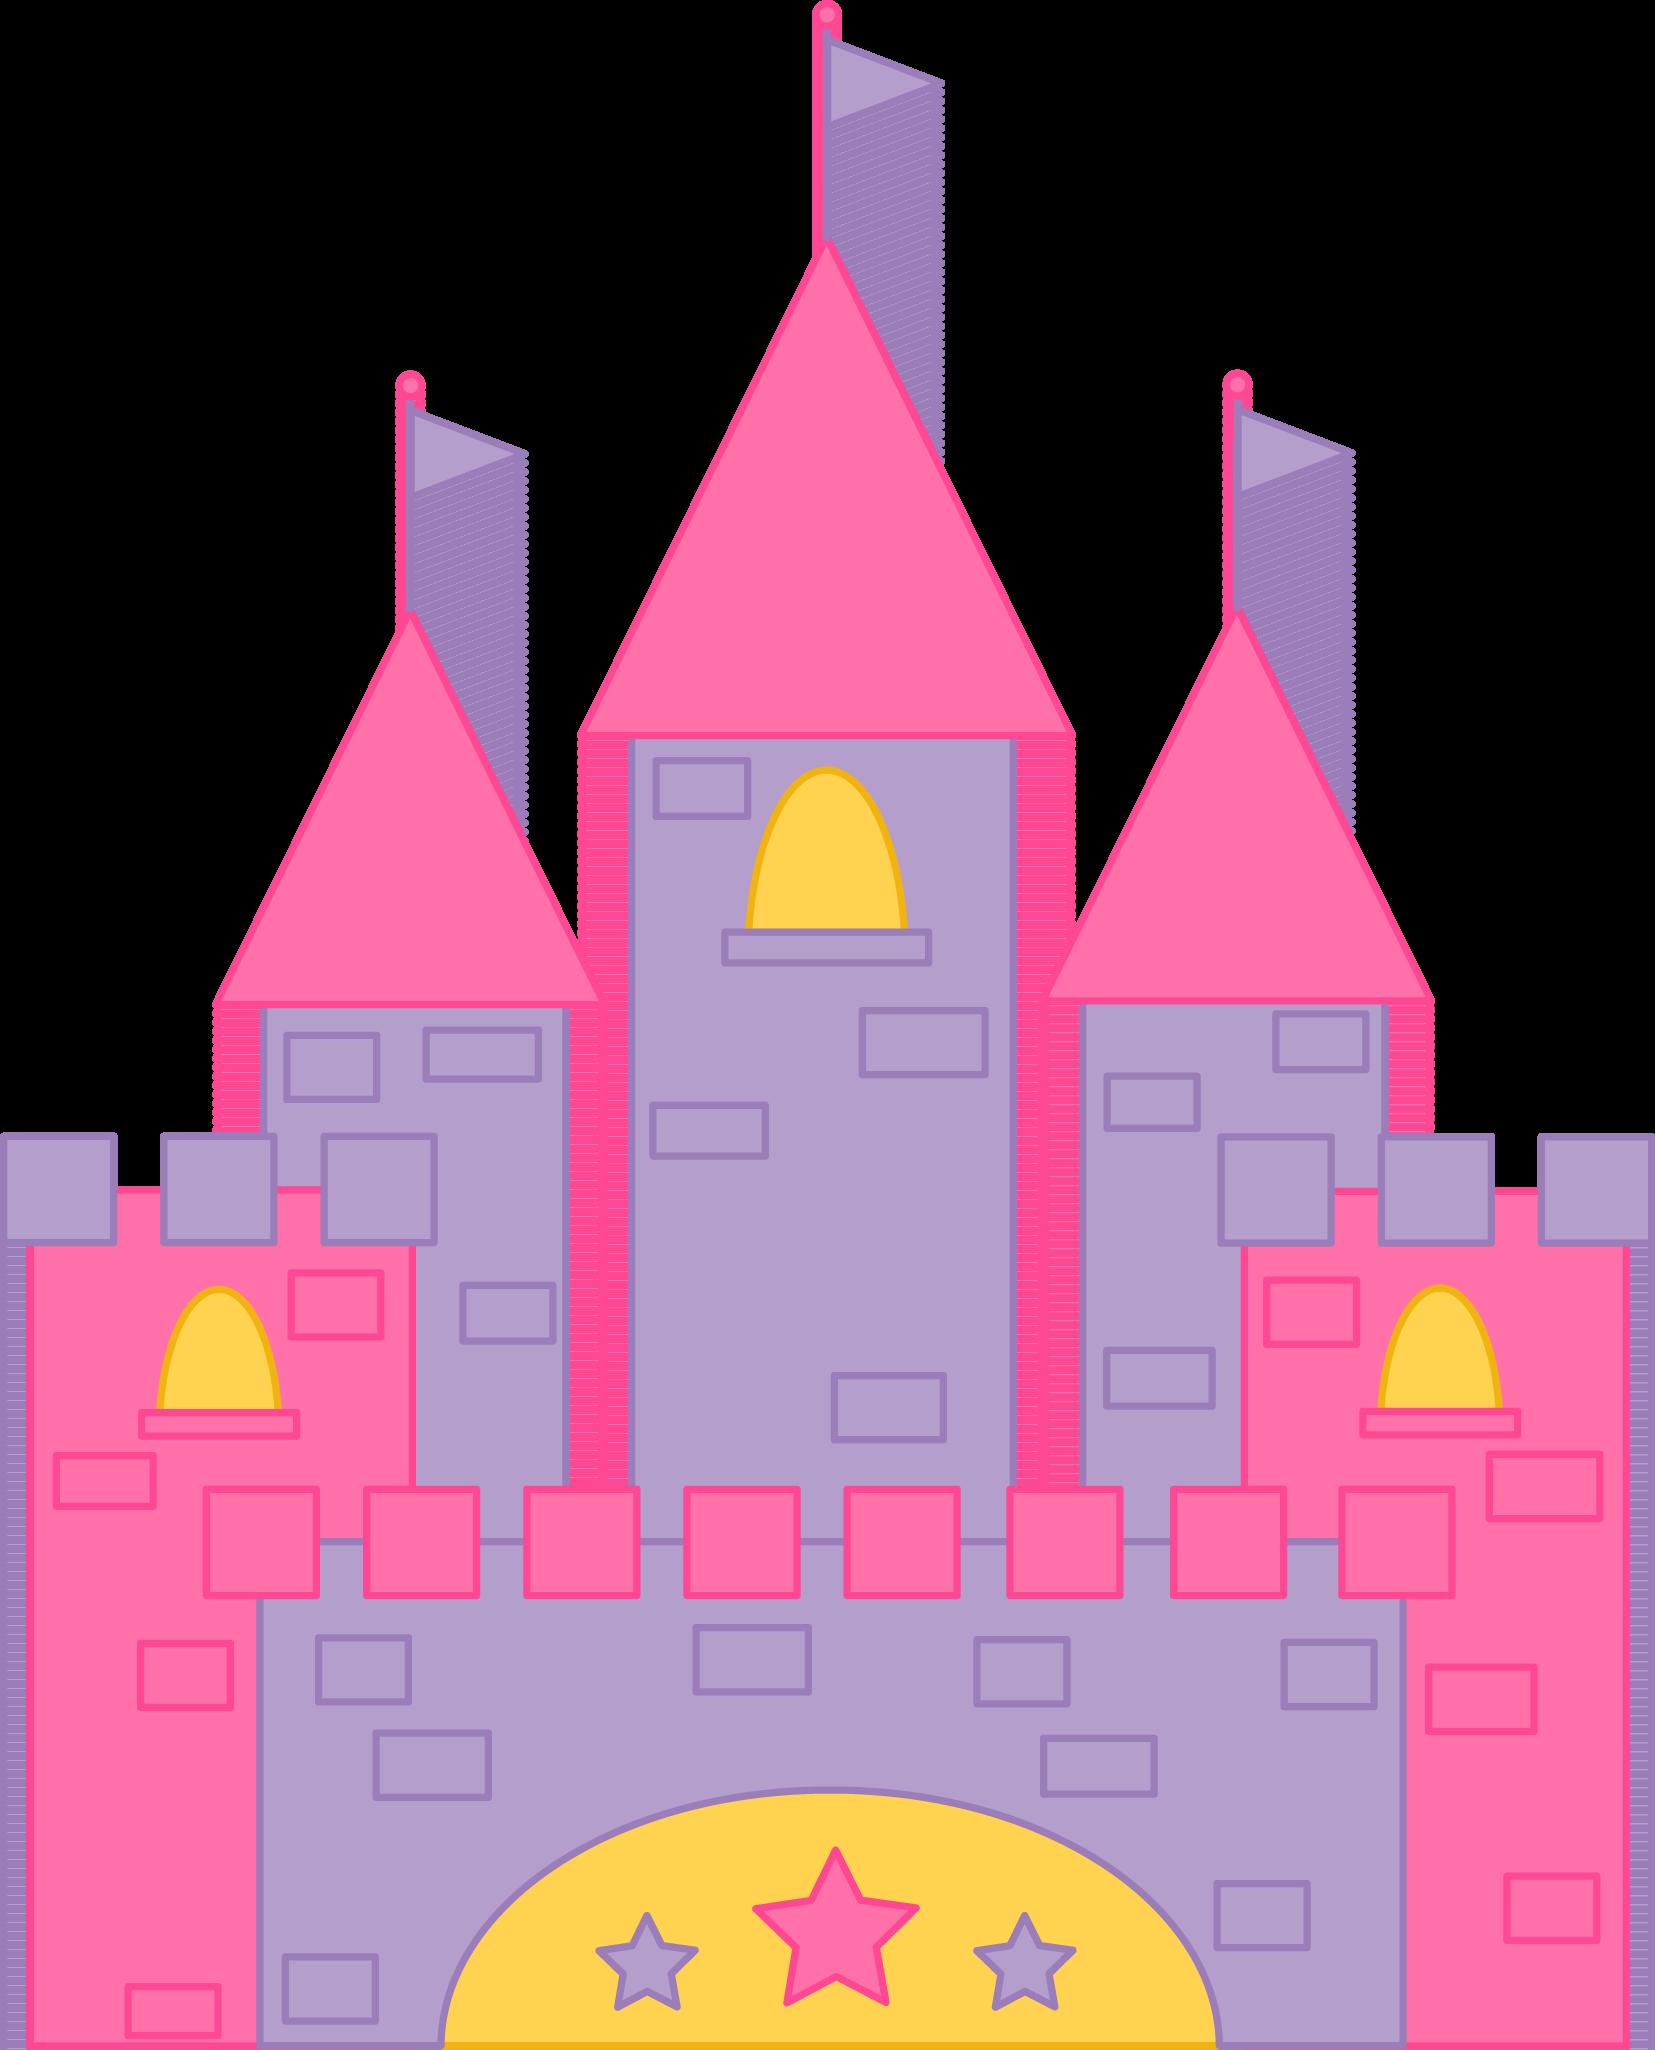 Station . Castle clipart fairytale castle